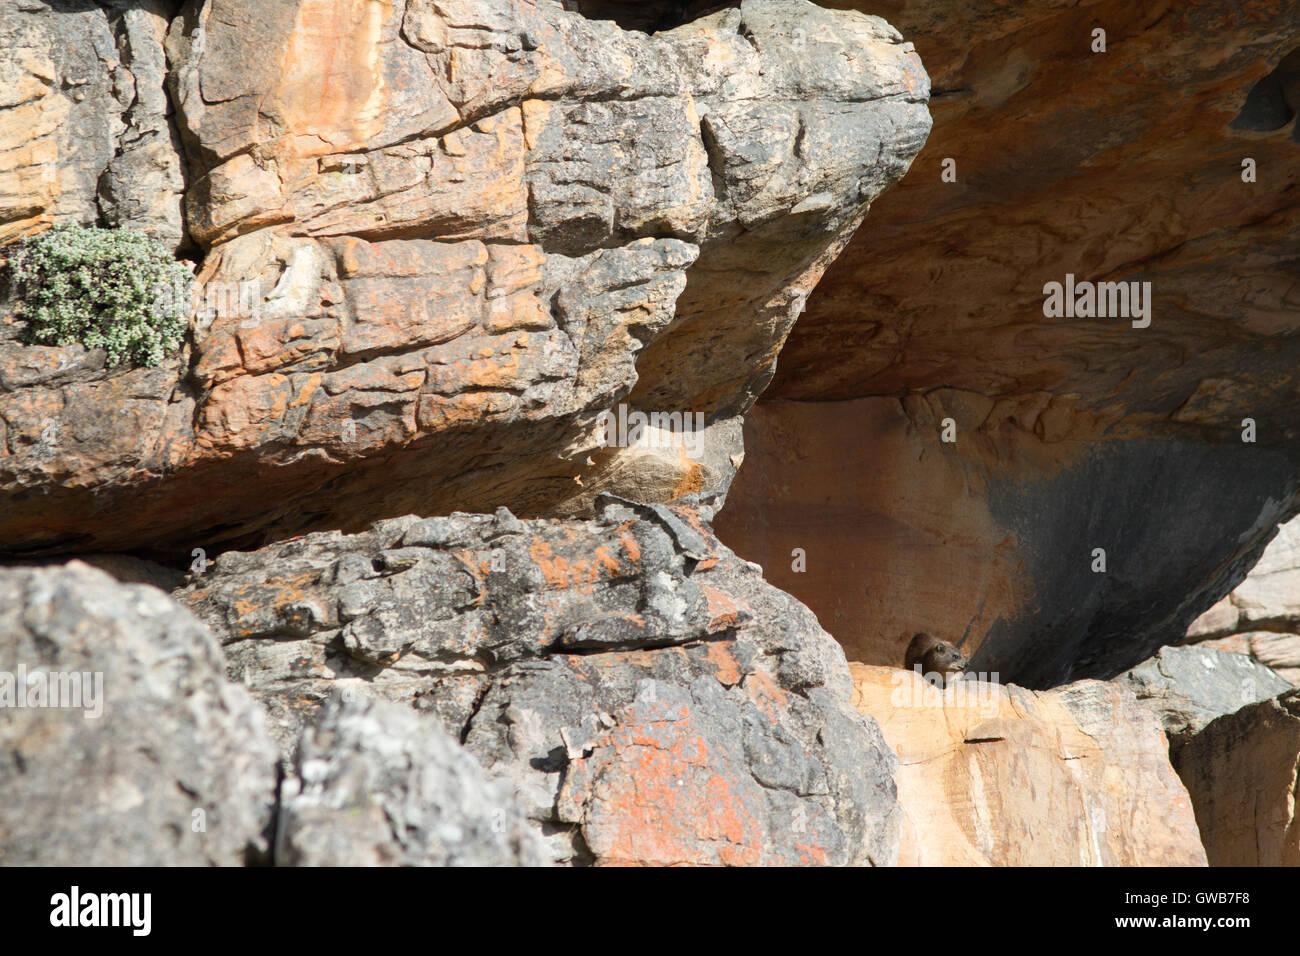 The dassie rat (Petromus typicus) in its habitat, South Africa - Stock Image